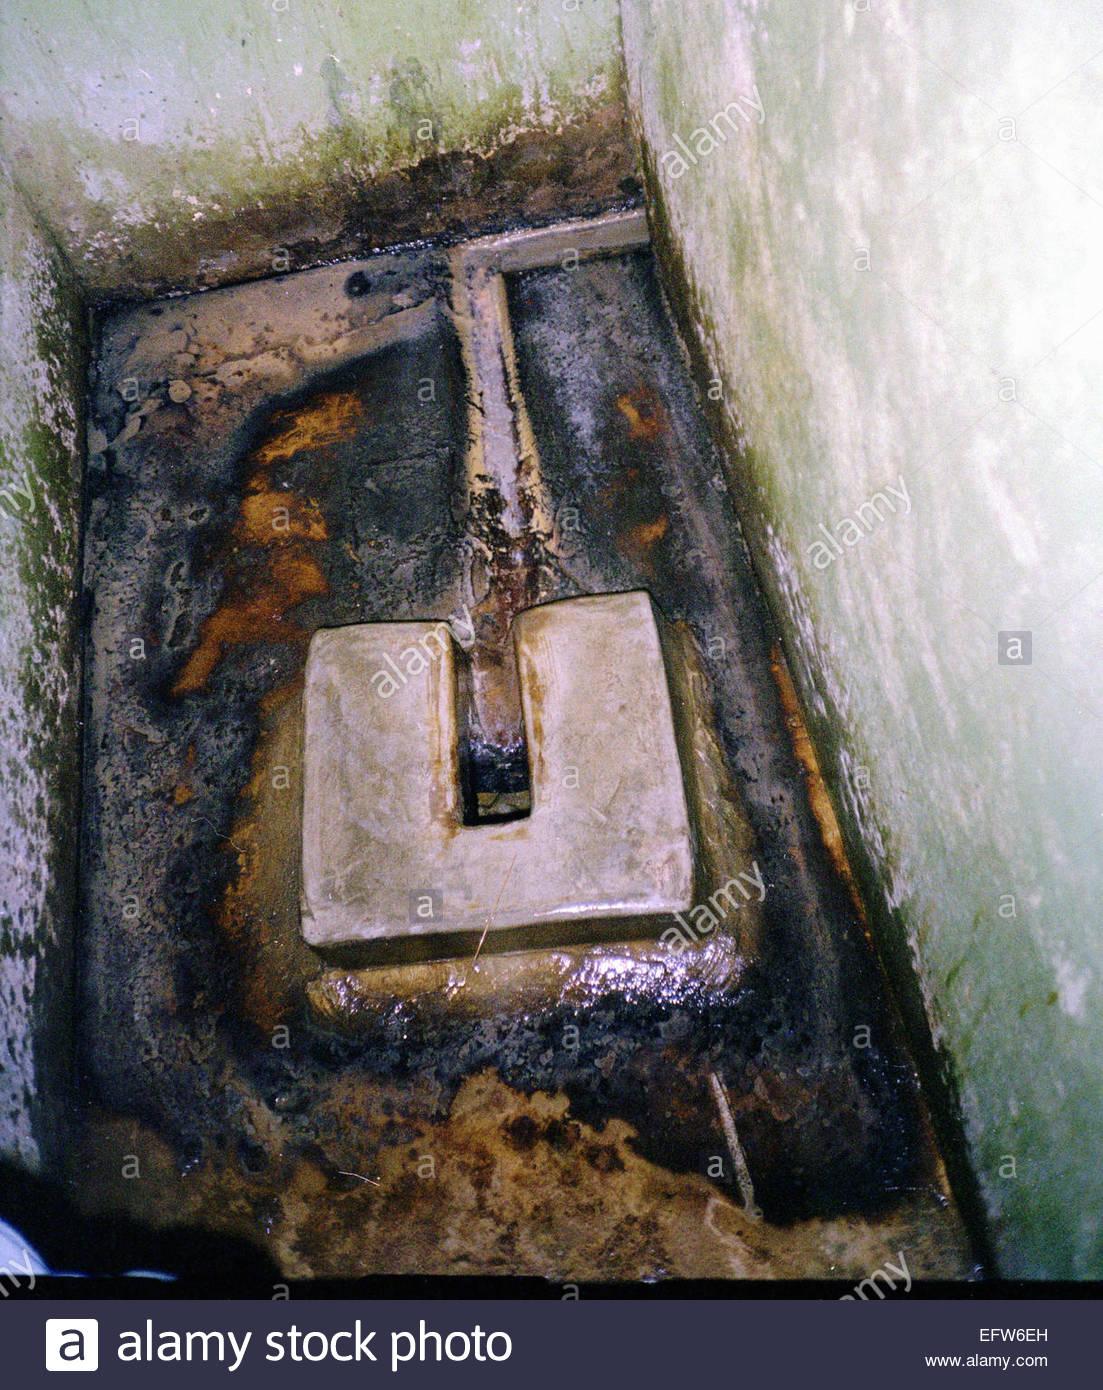 Salle De Bain Qui Pue L'Humidite ~ salle de bains toilettes d afrique kenya r publique du kenya